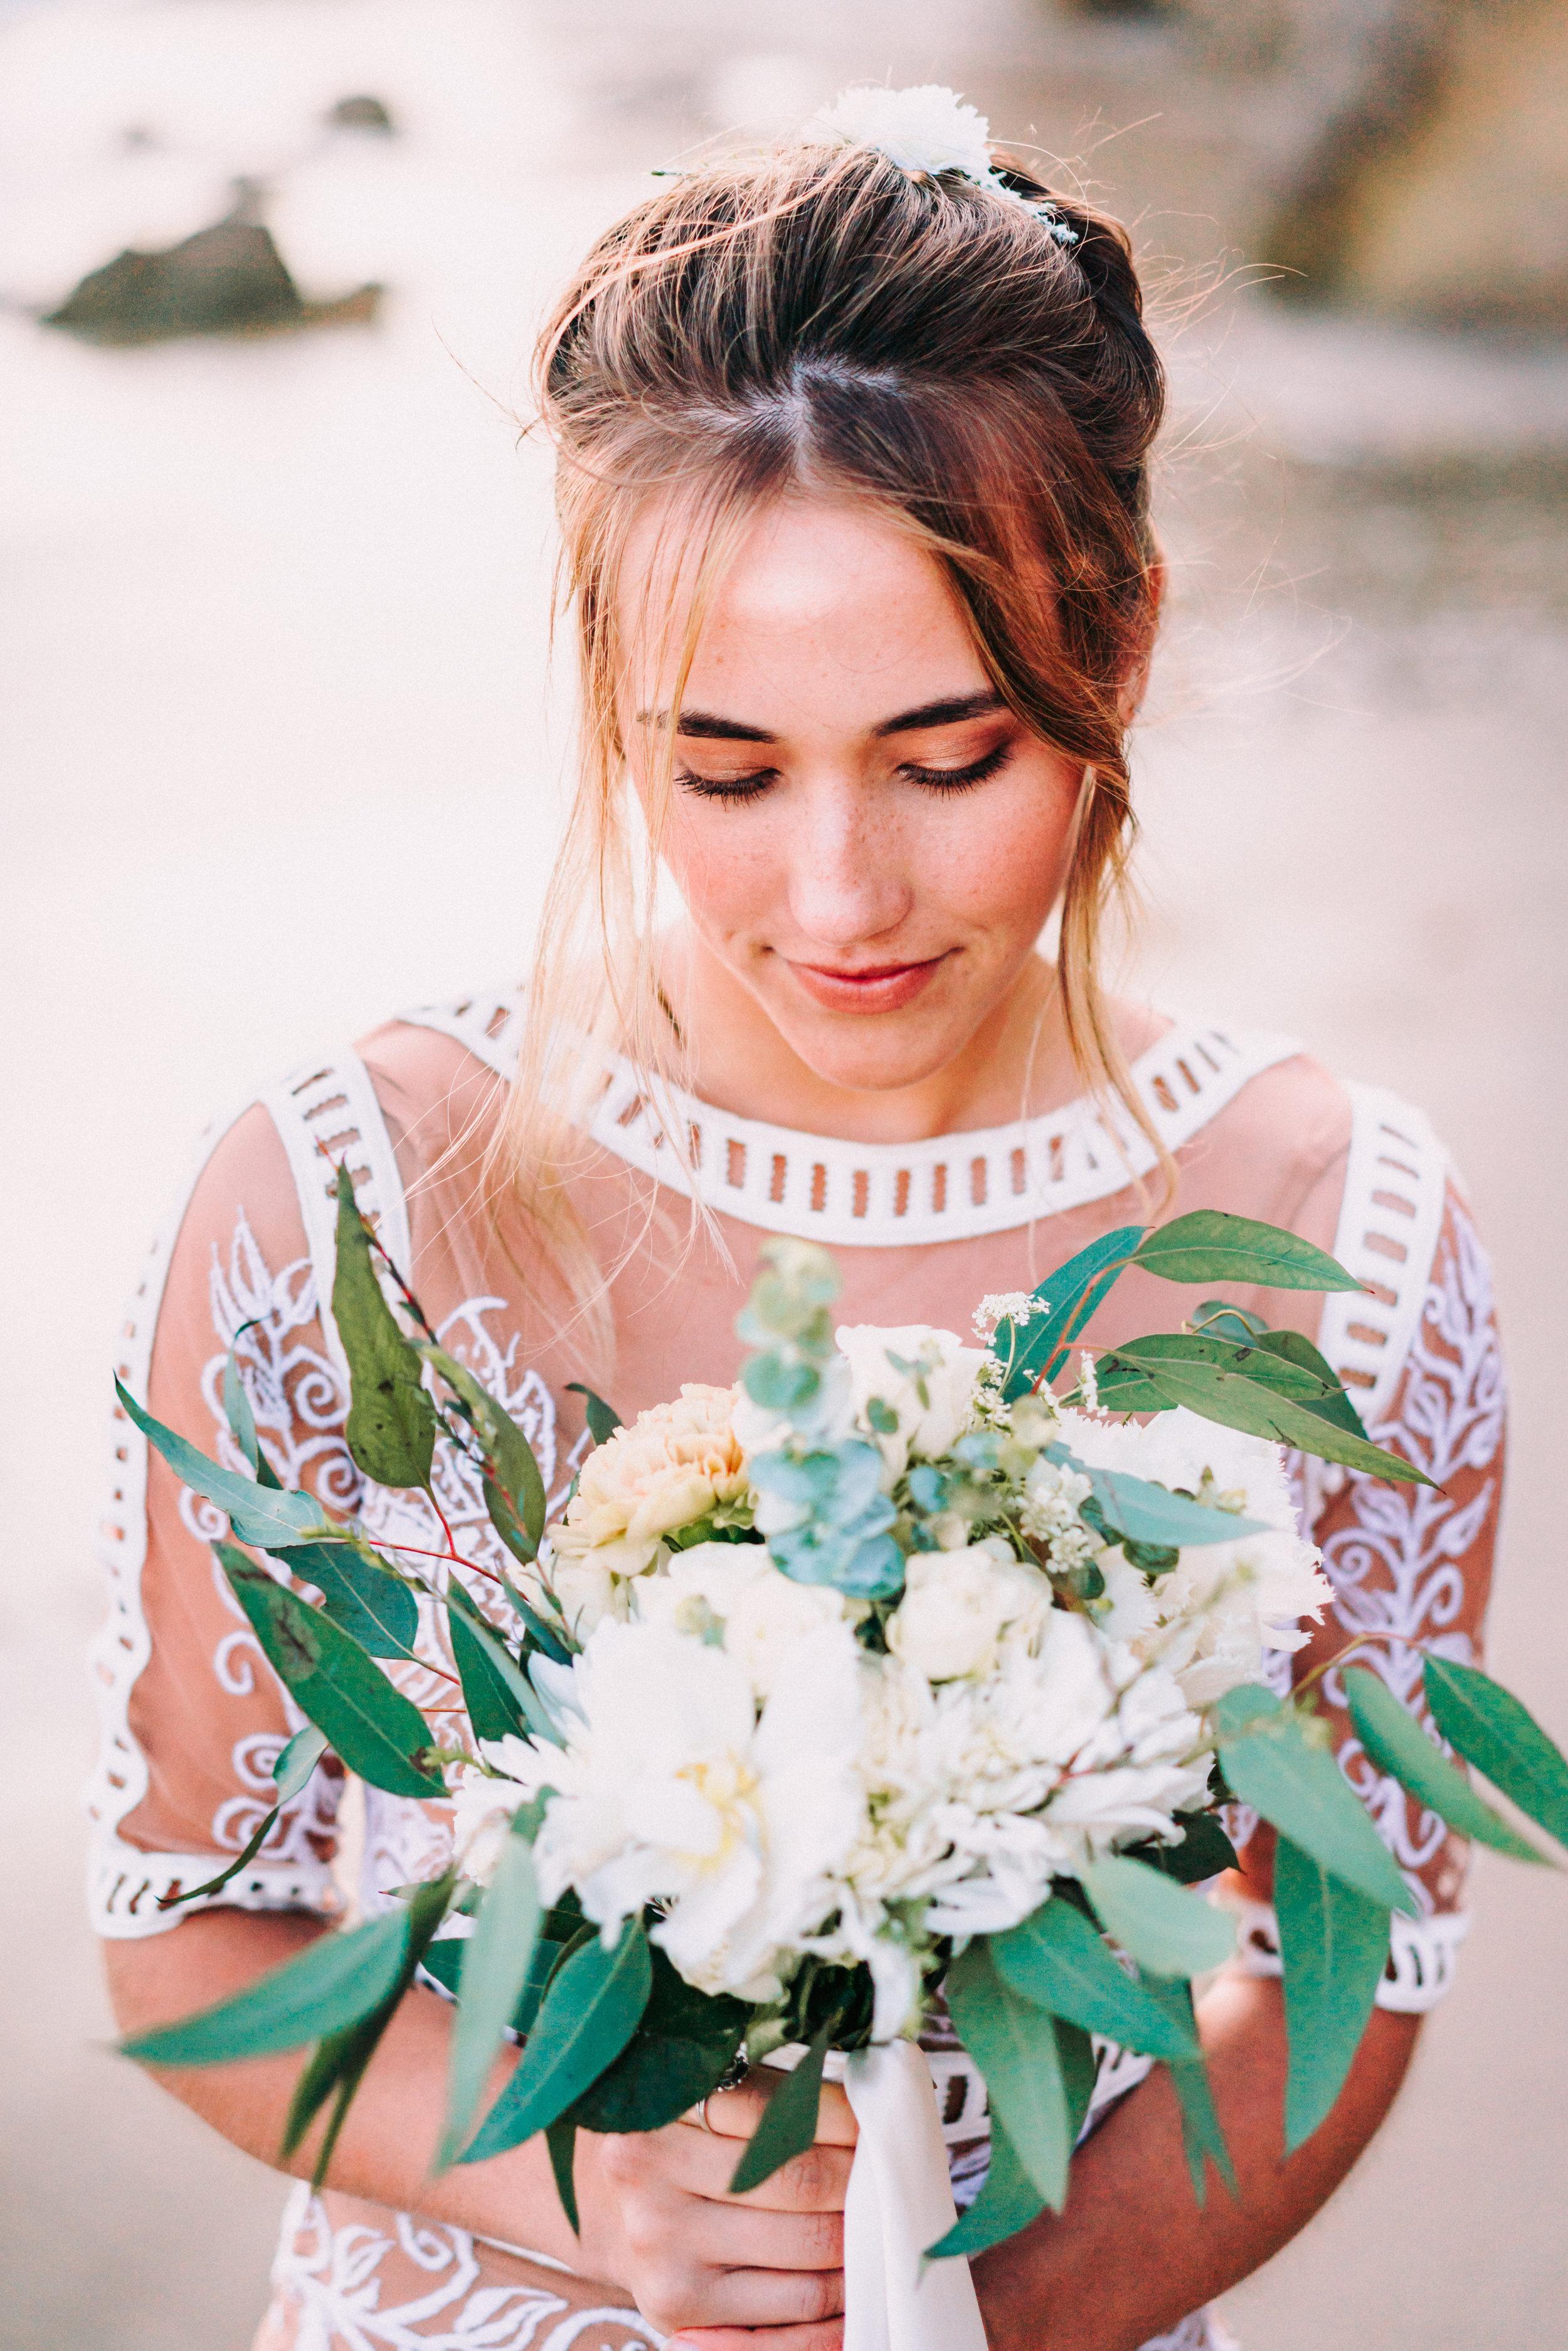 Photo: Richard Luu  Hair: Lexi McGee  Bouquet: Juvee Floral